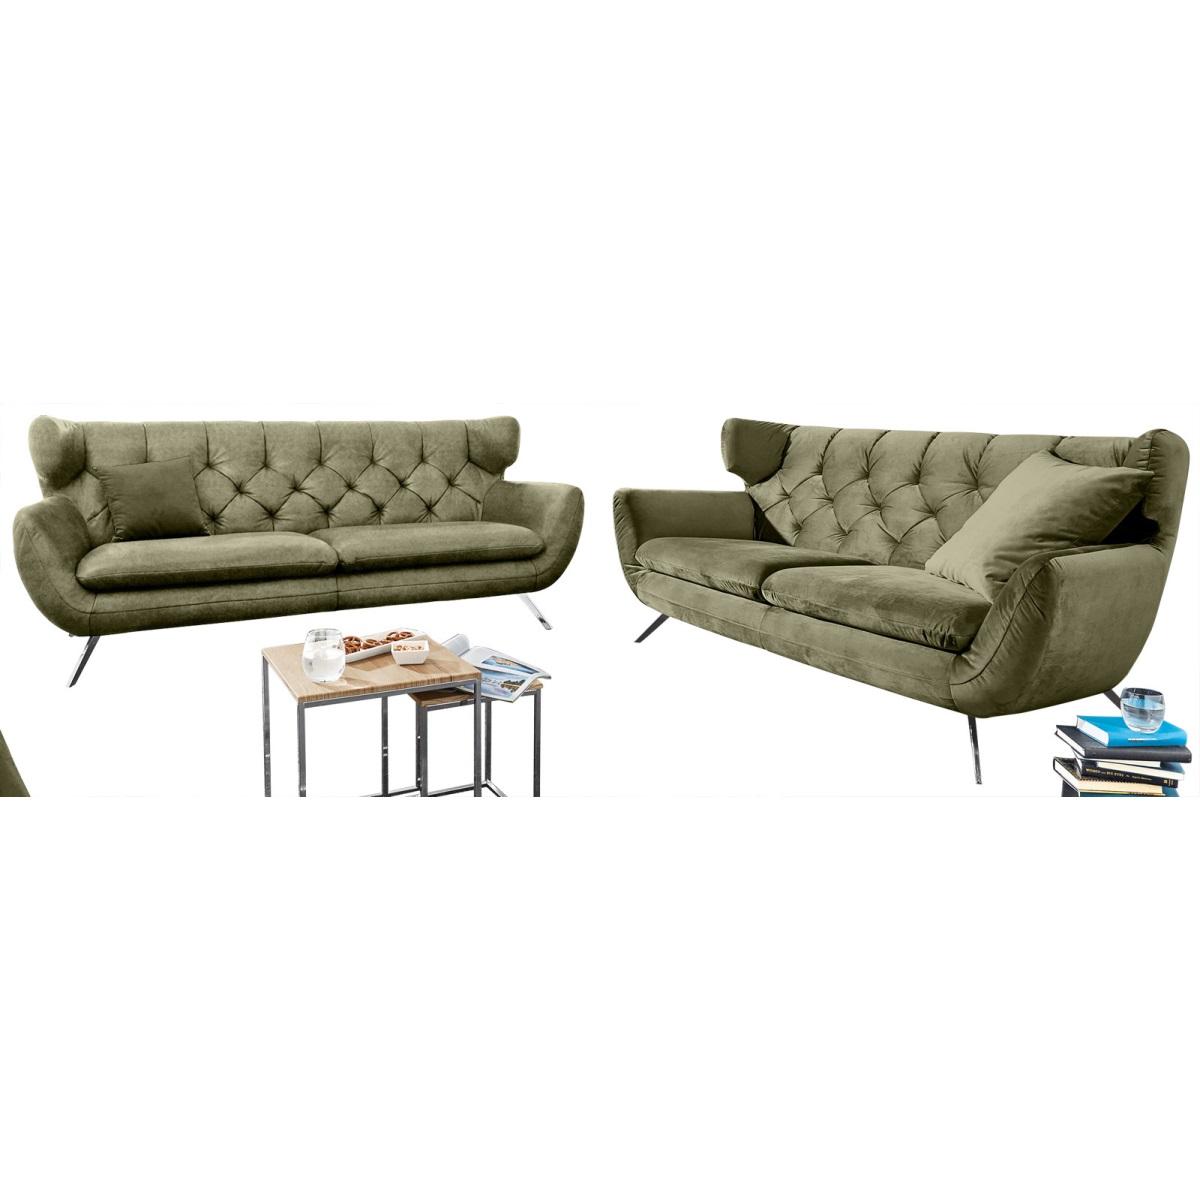 Full Size of Couchgarnitur Leder Kaufen Couch Garnitur Ikea Rundecke Sofa Garnituren Moderne Ole Gunderson New Castle 2 Teilig Stoffbezug Olivgrn Creme L Mit Schlaffunktion Sofa Sofa Garnitur